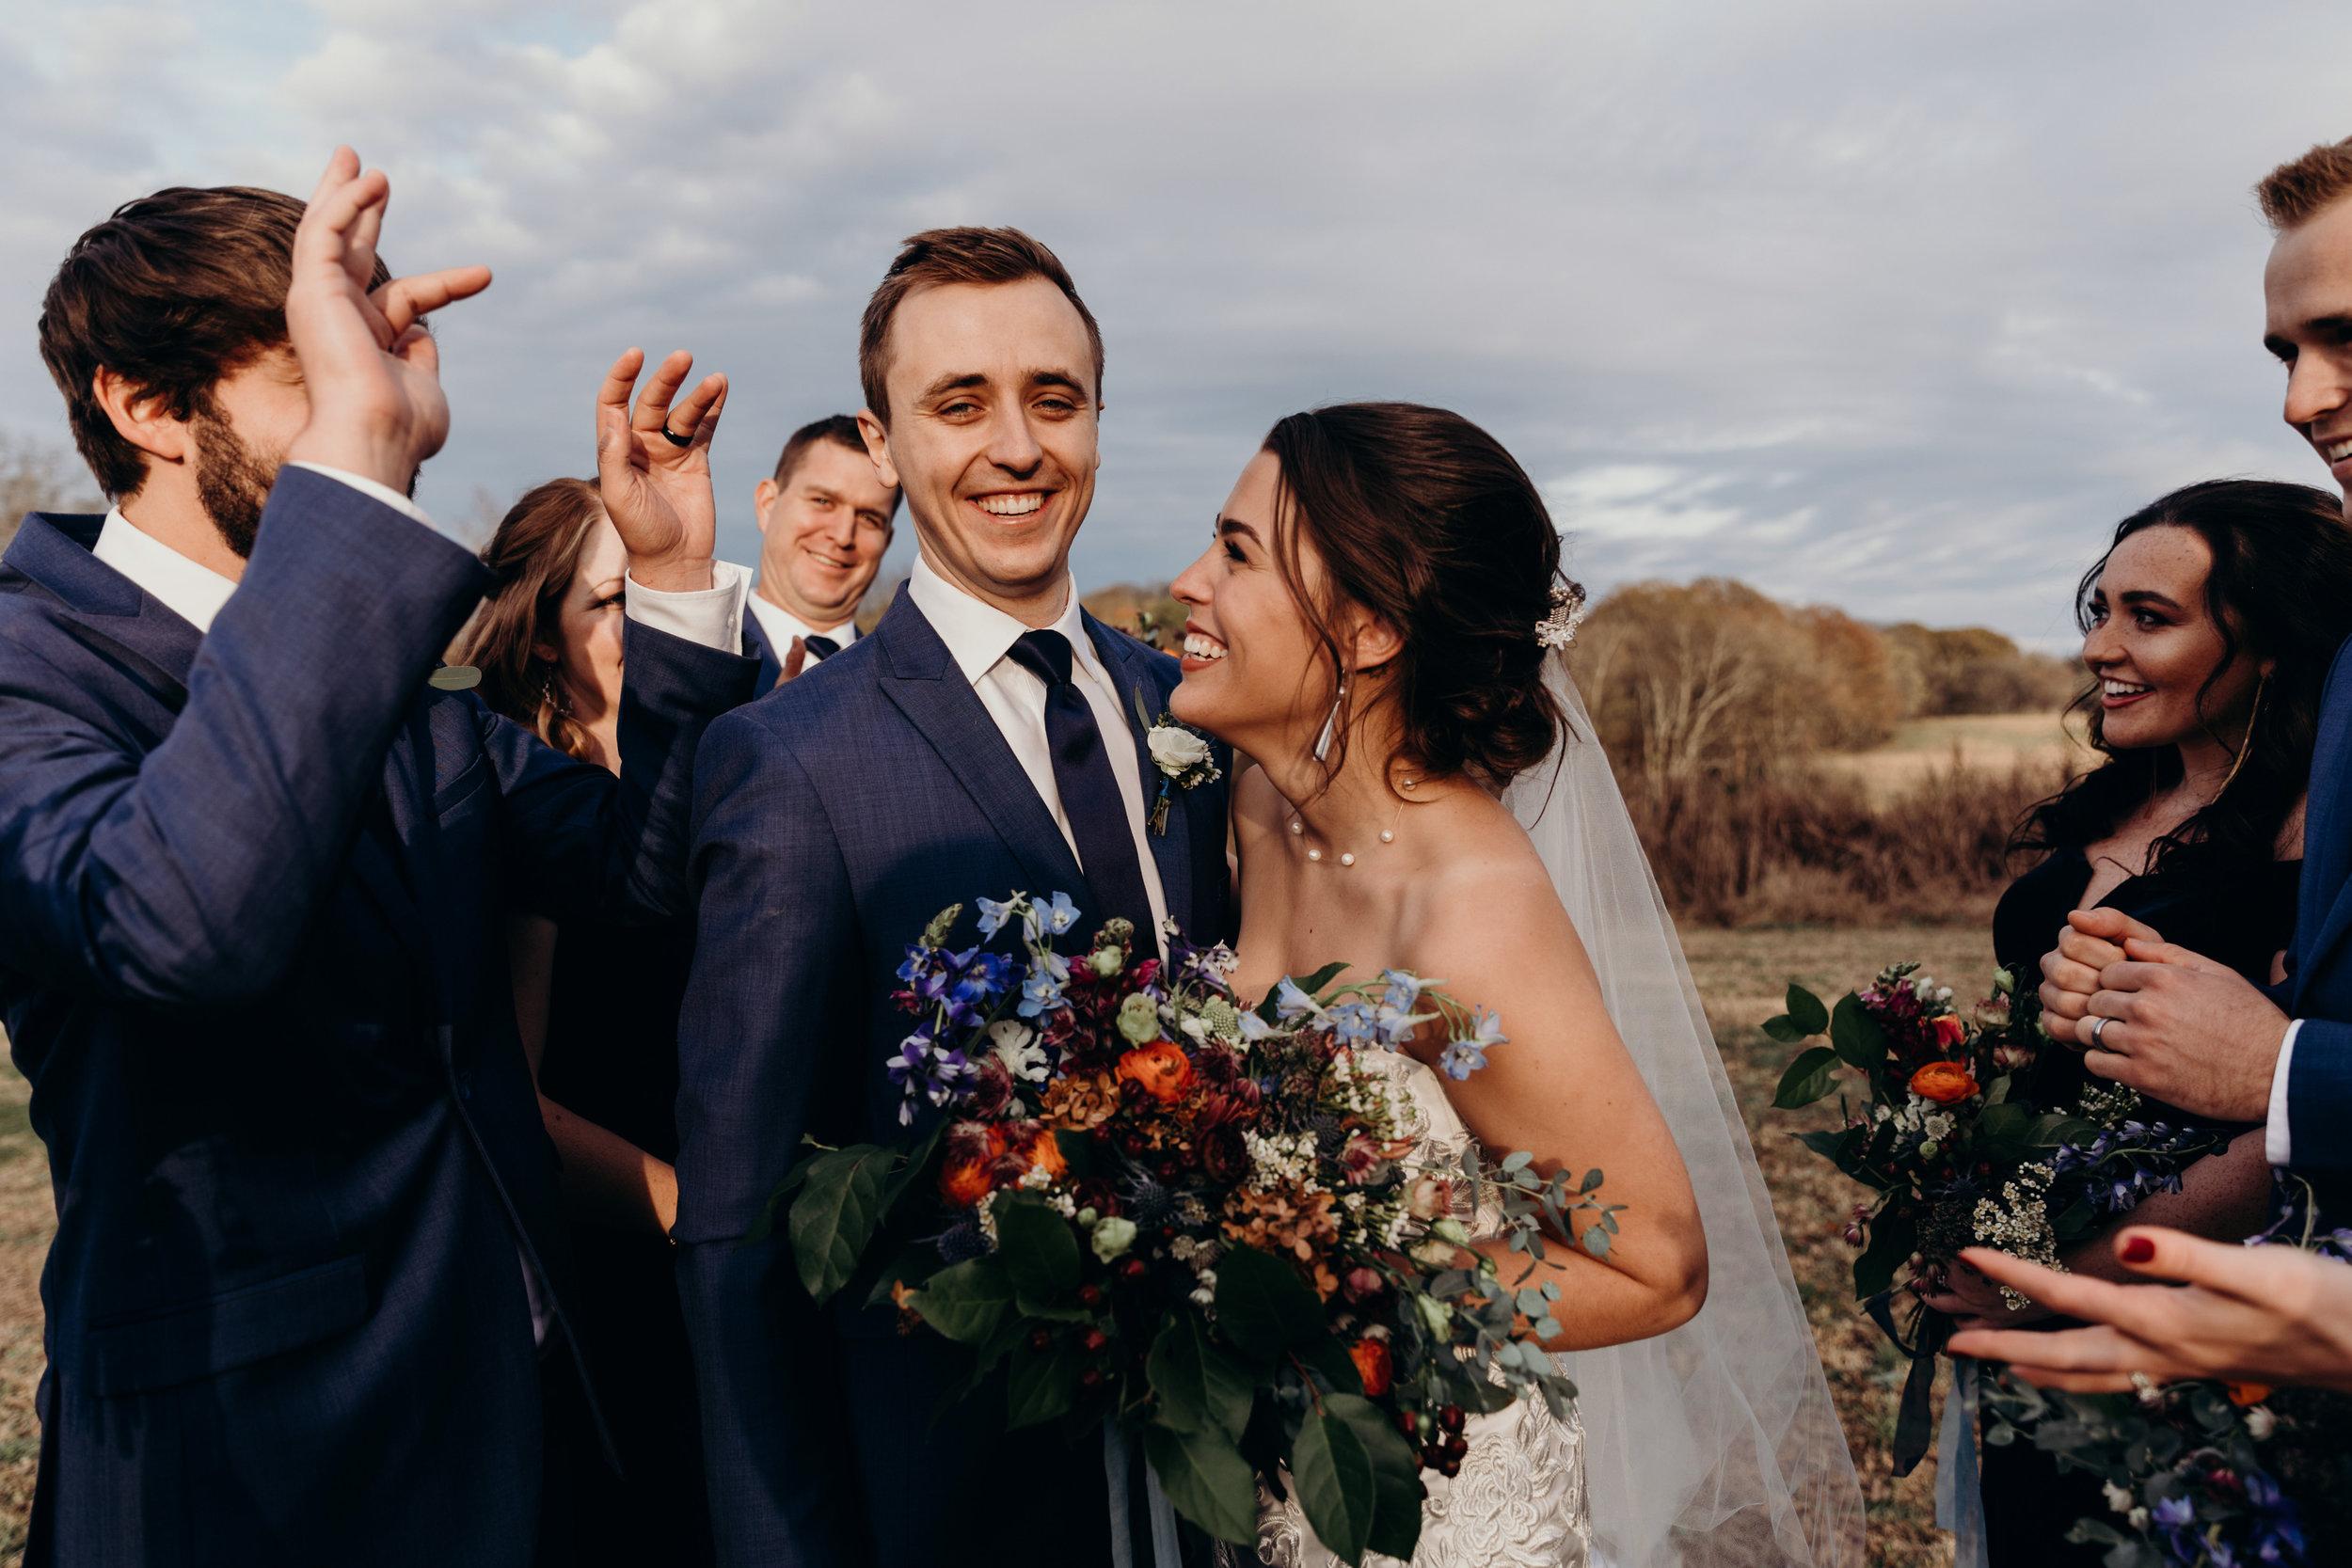 403-ltw-morgan-adam-wedding.jpg